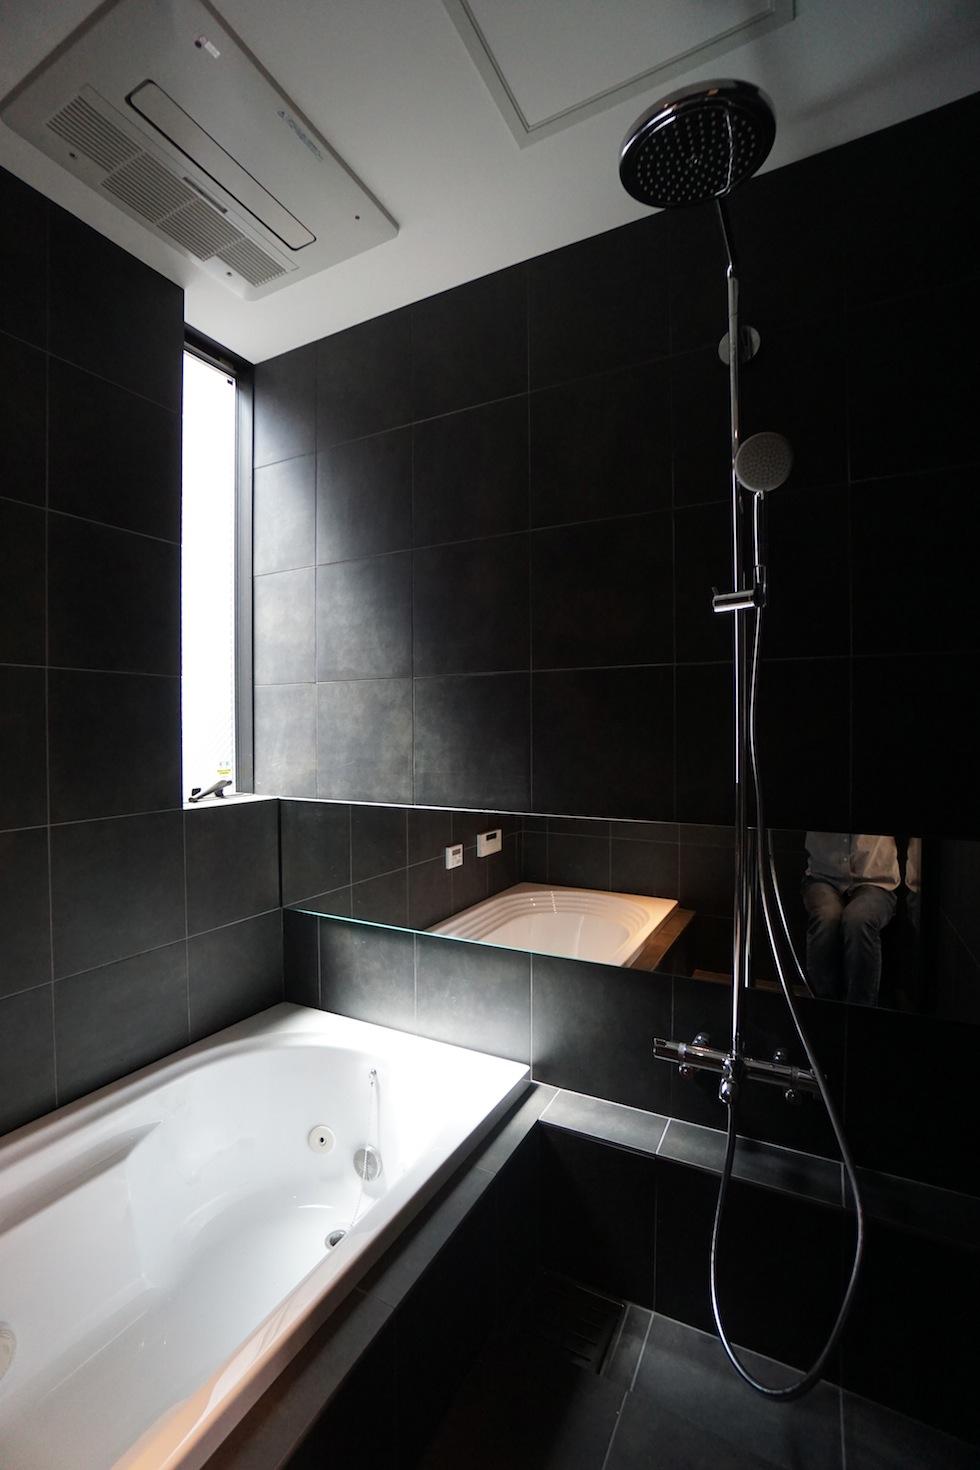 高級注文住宅,設計事務所,建築家,大阪,京都,神戸,3階建てデザイン,リビング,グランピングテラス,在来浴室デザイン